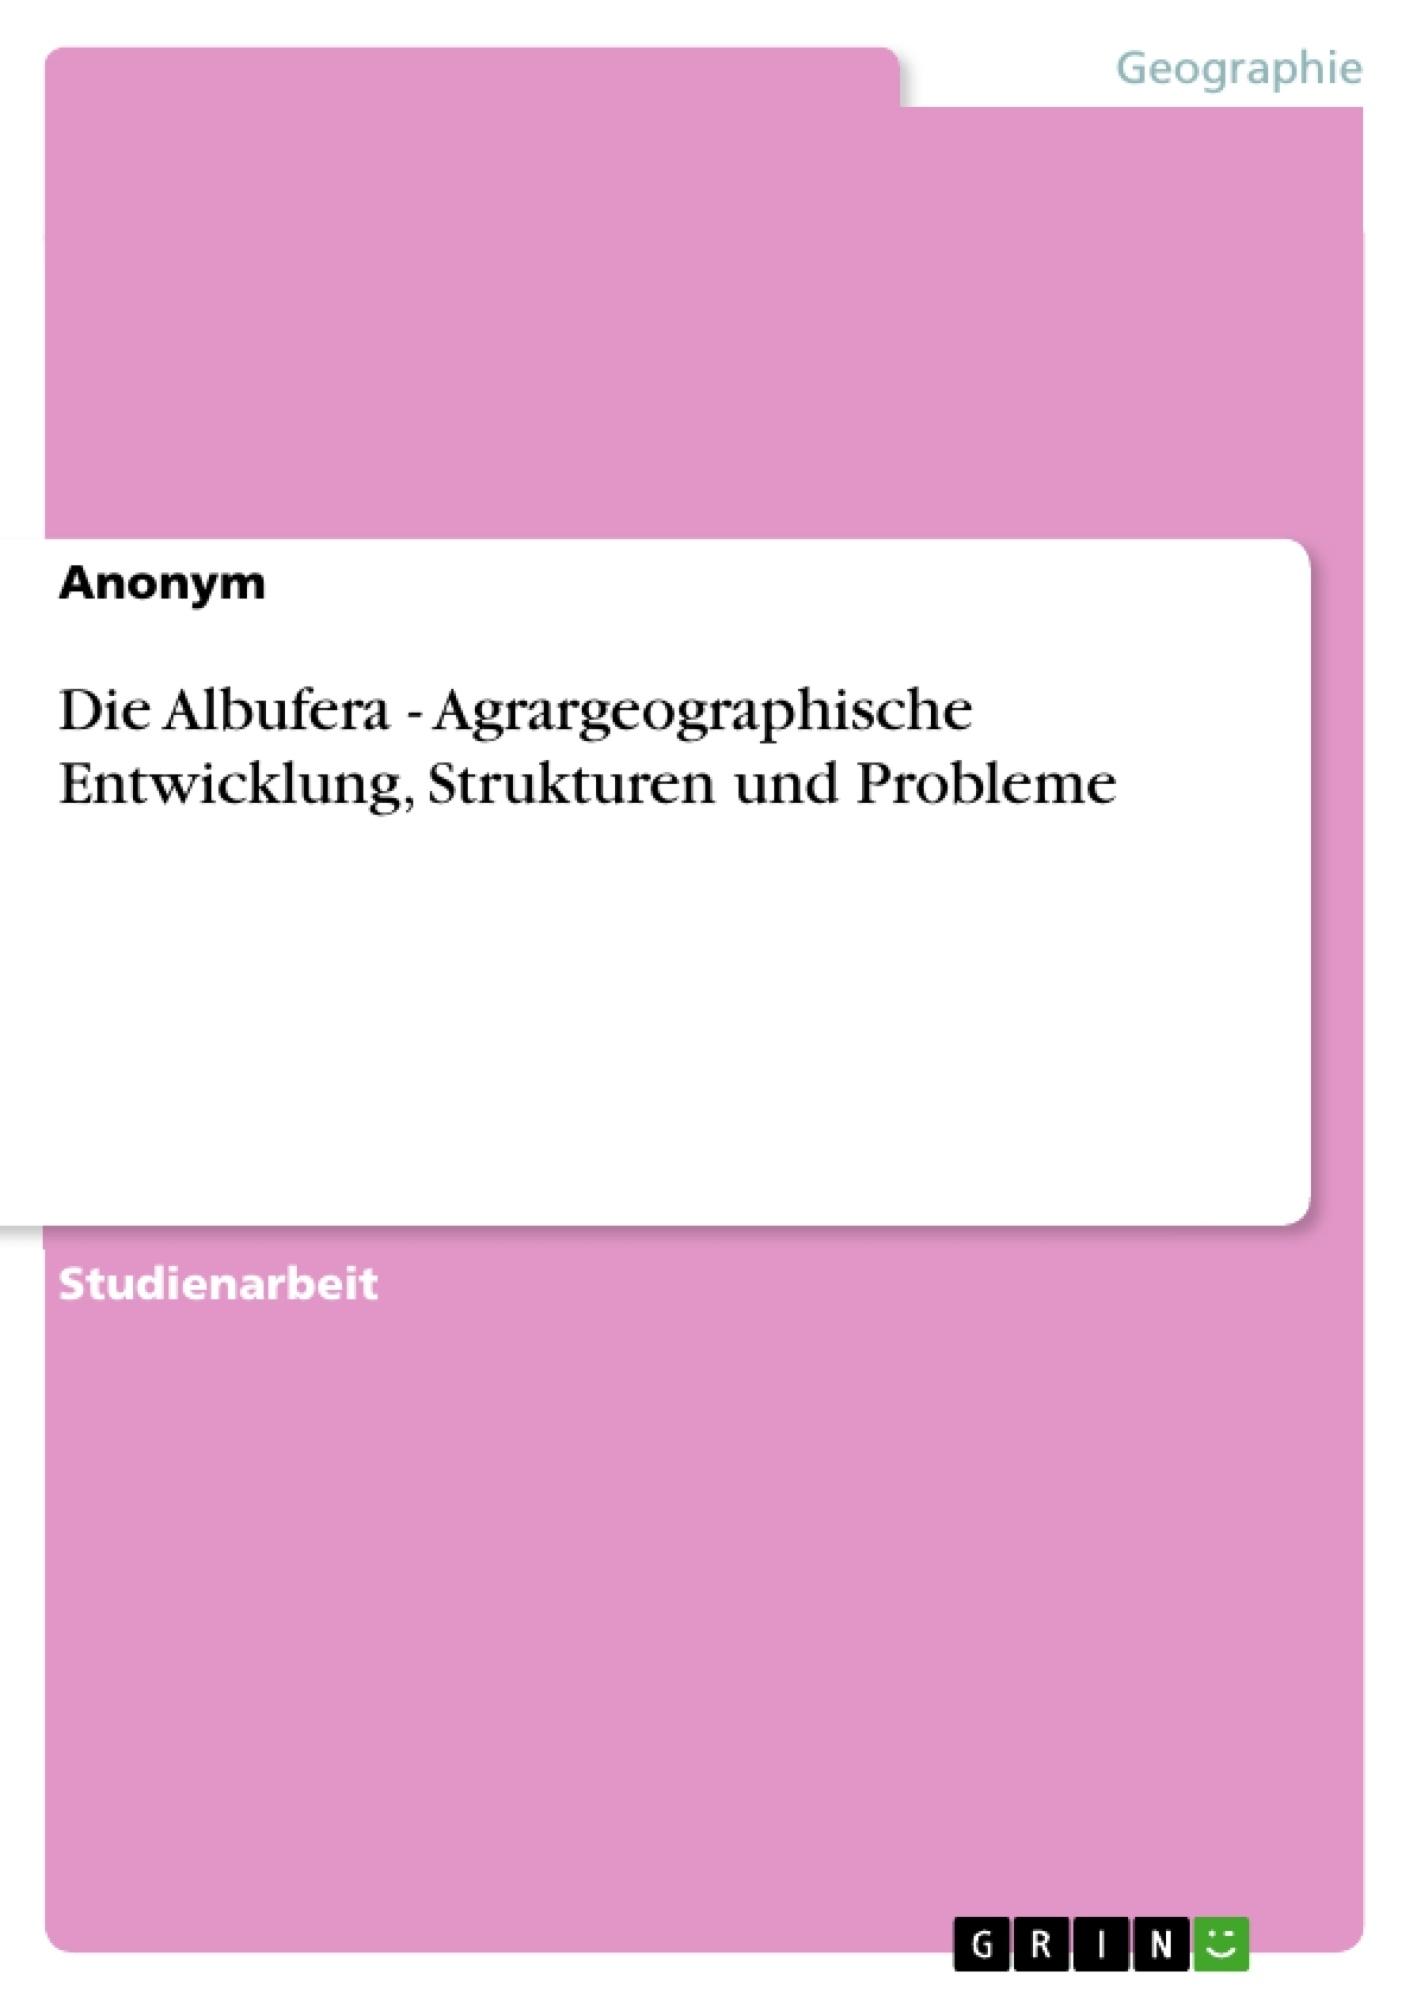 Titel: Die Albufera - Agrargeographische Entwicklung, Strukturen und Probleme